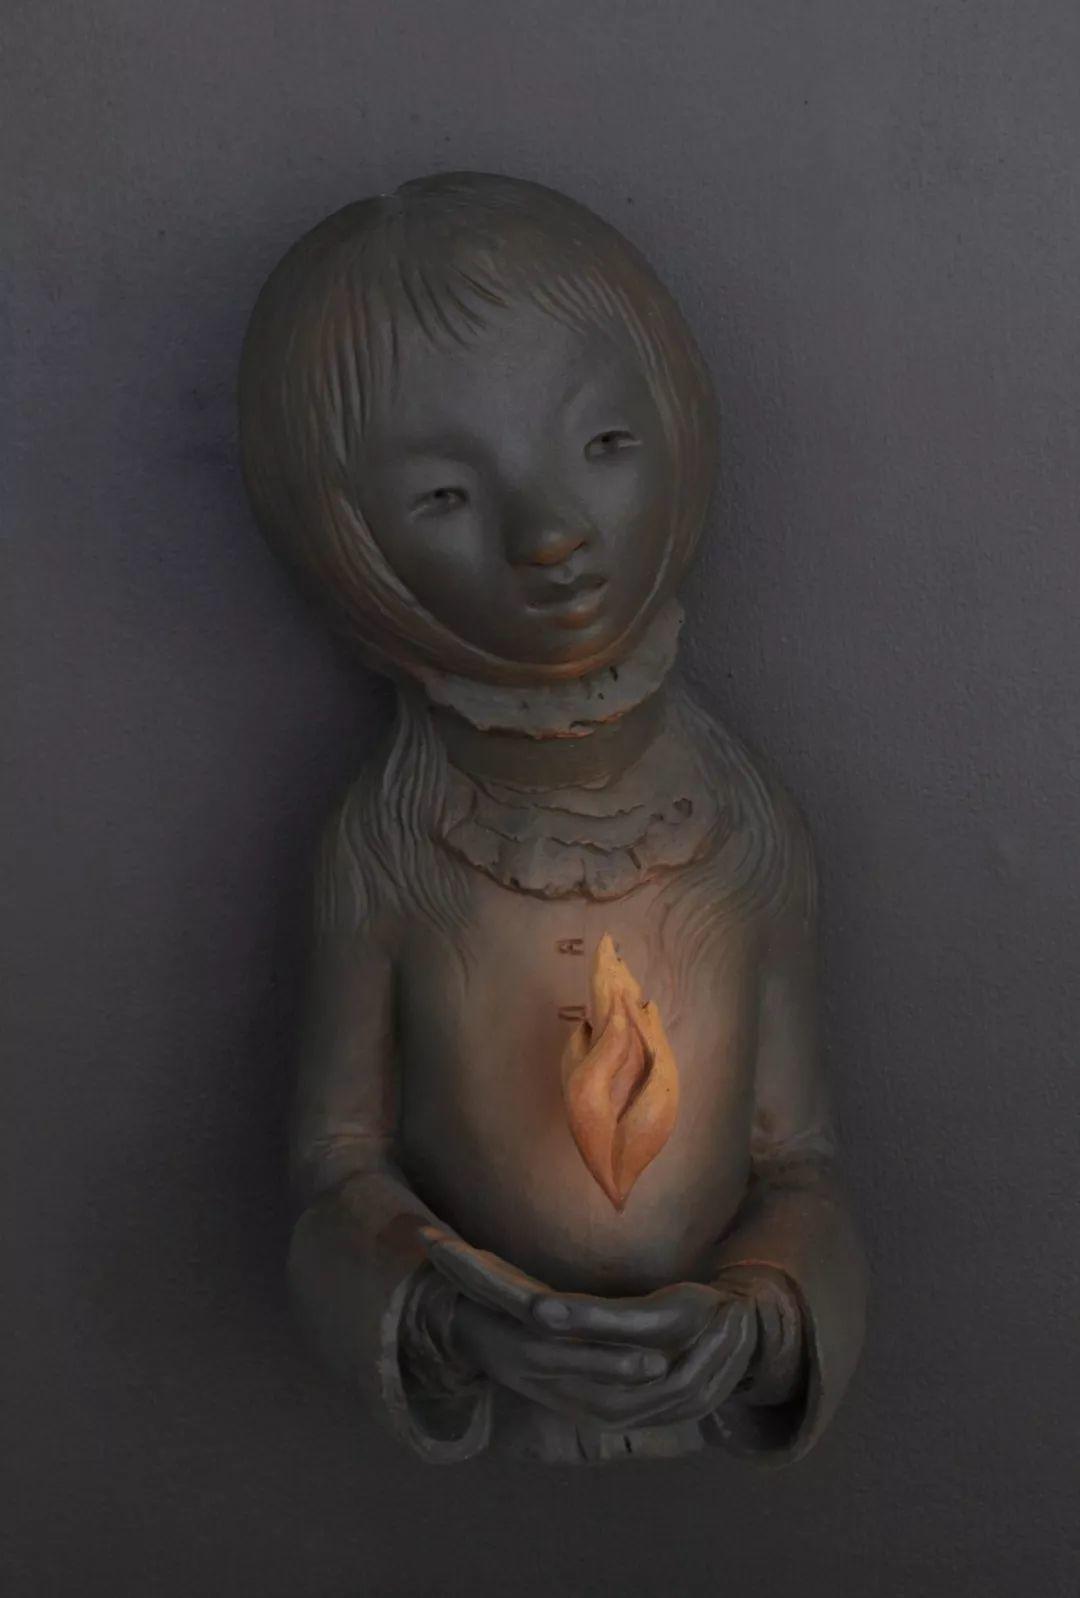 美女艺术家的雕塑,直抵天真、美丽和纯净的灵魂插图65